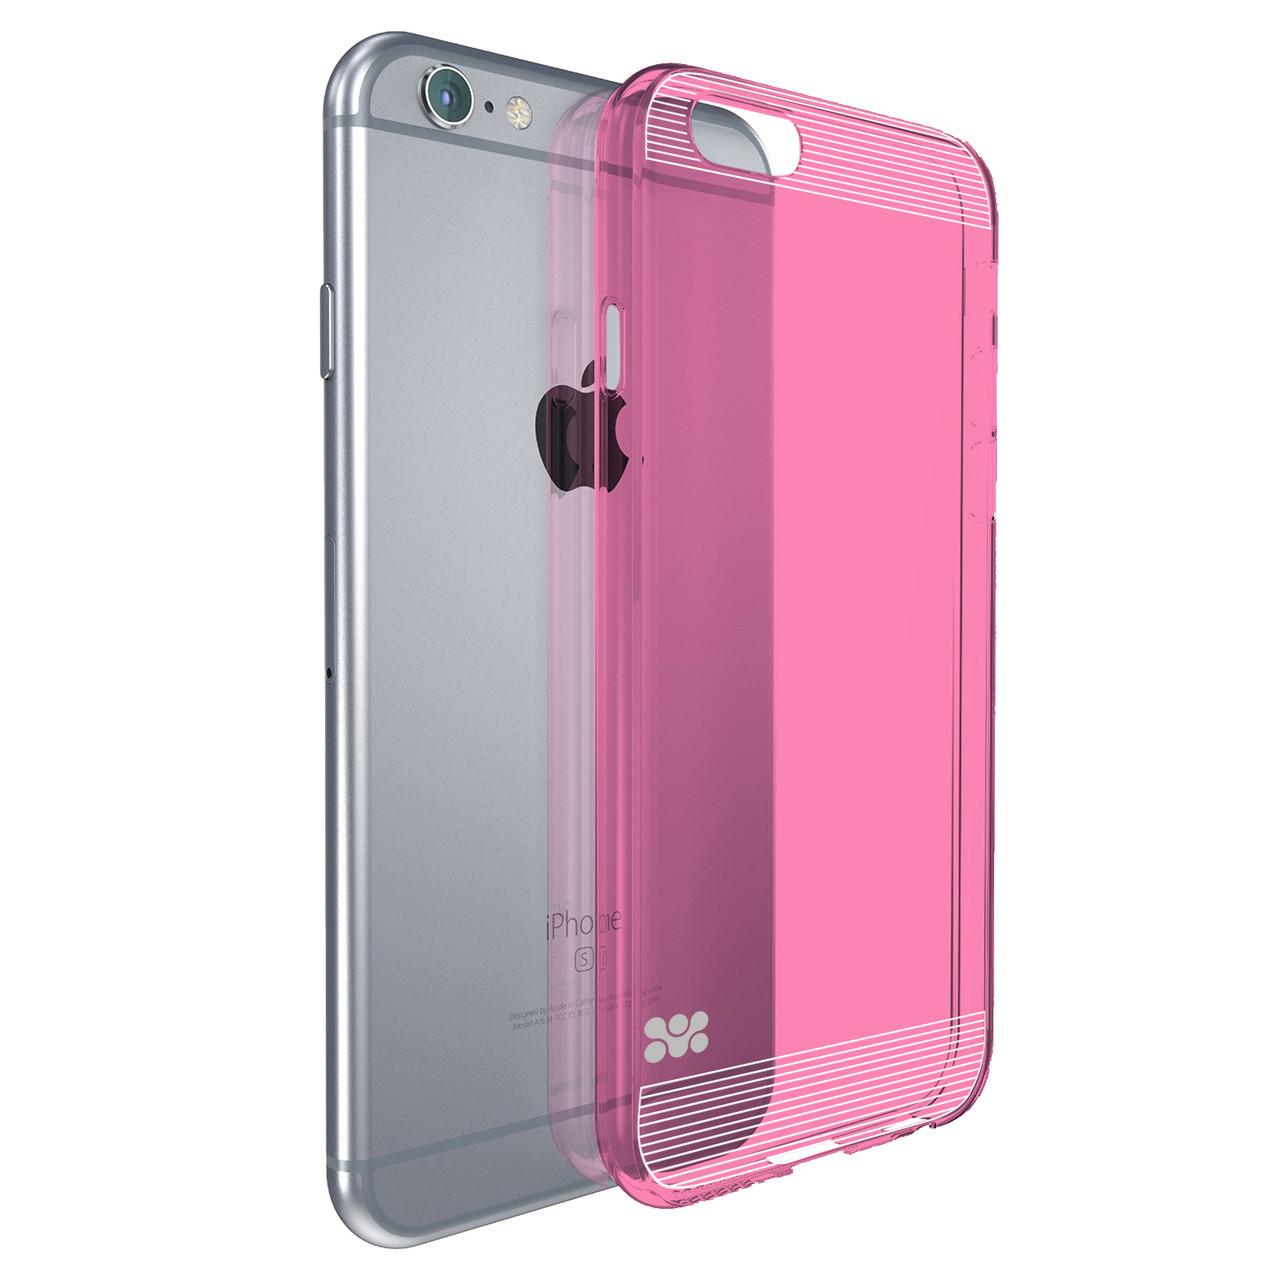 Защитная накладка для iPhone 6 Promate Bare-i6 Pink